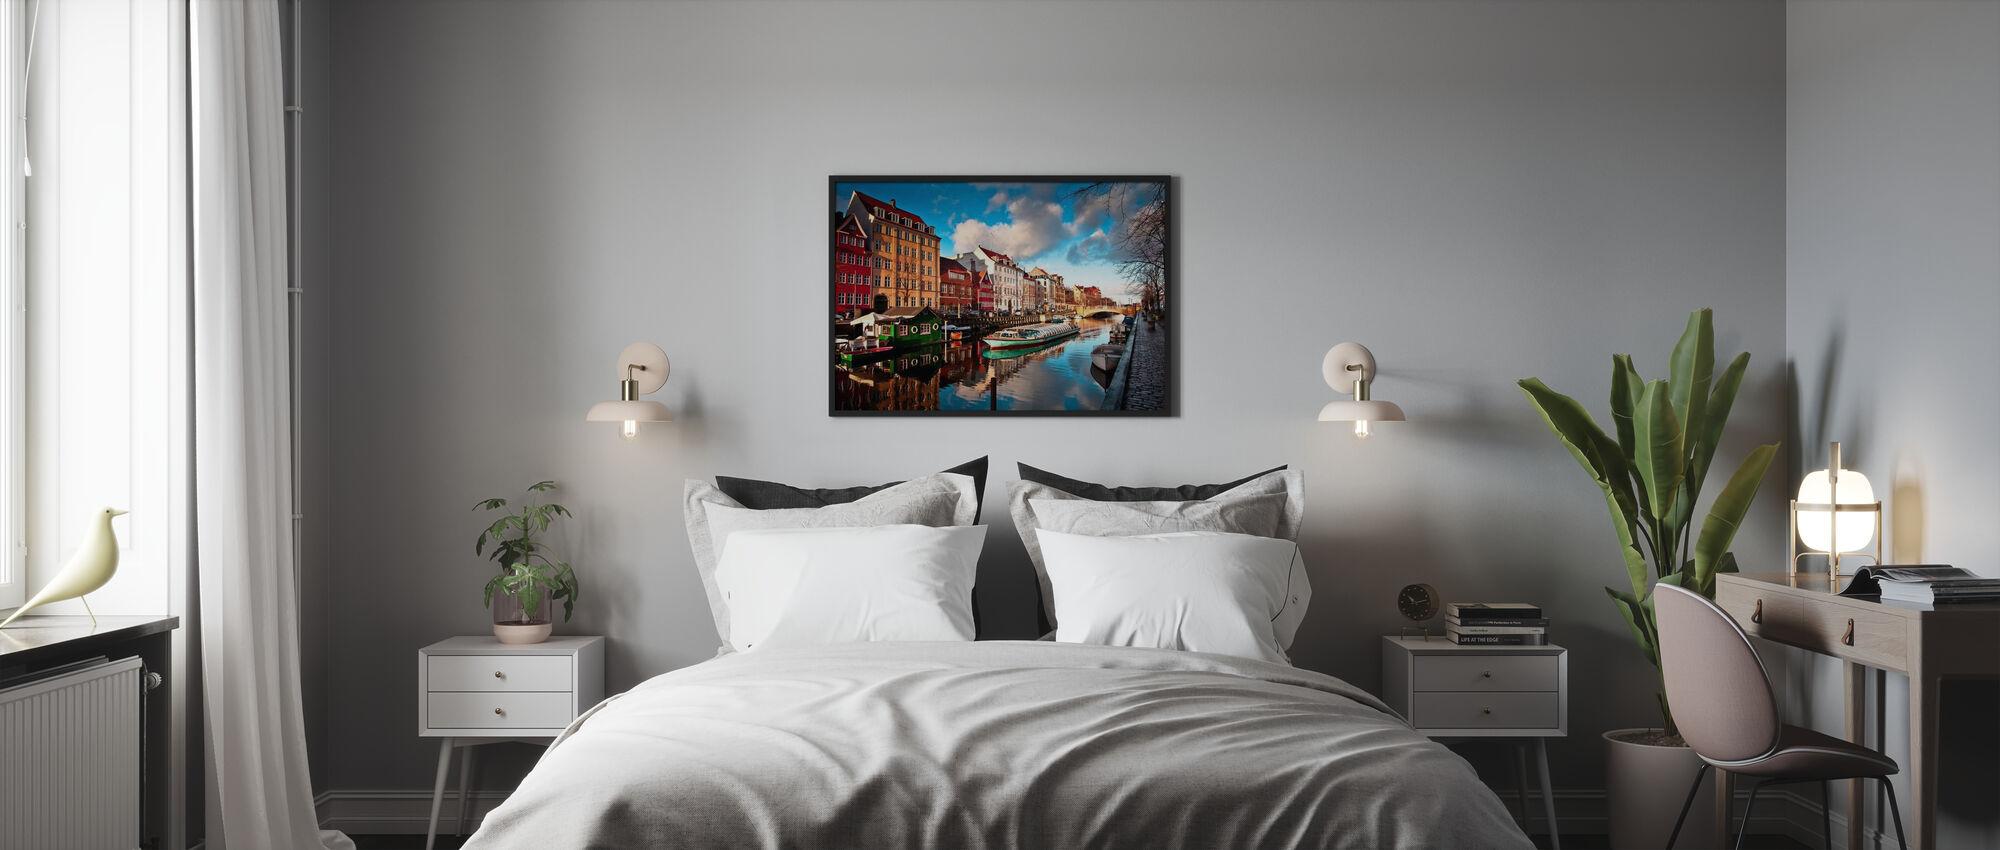 Riverboat in Copenhagen, Denmark - Poster - Bedroom